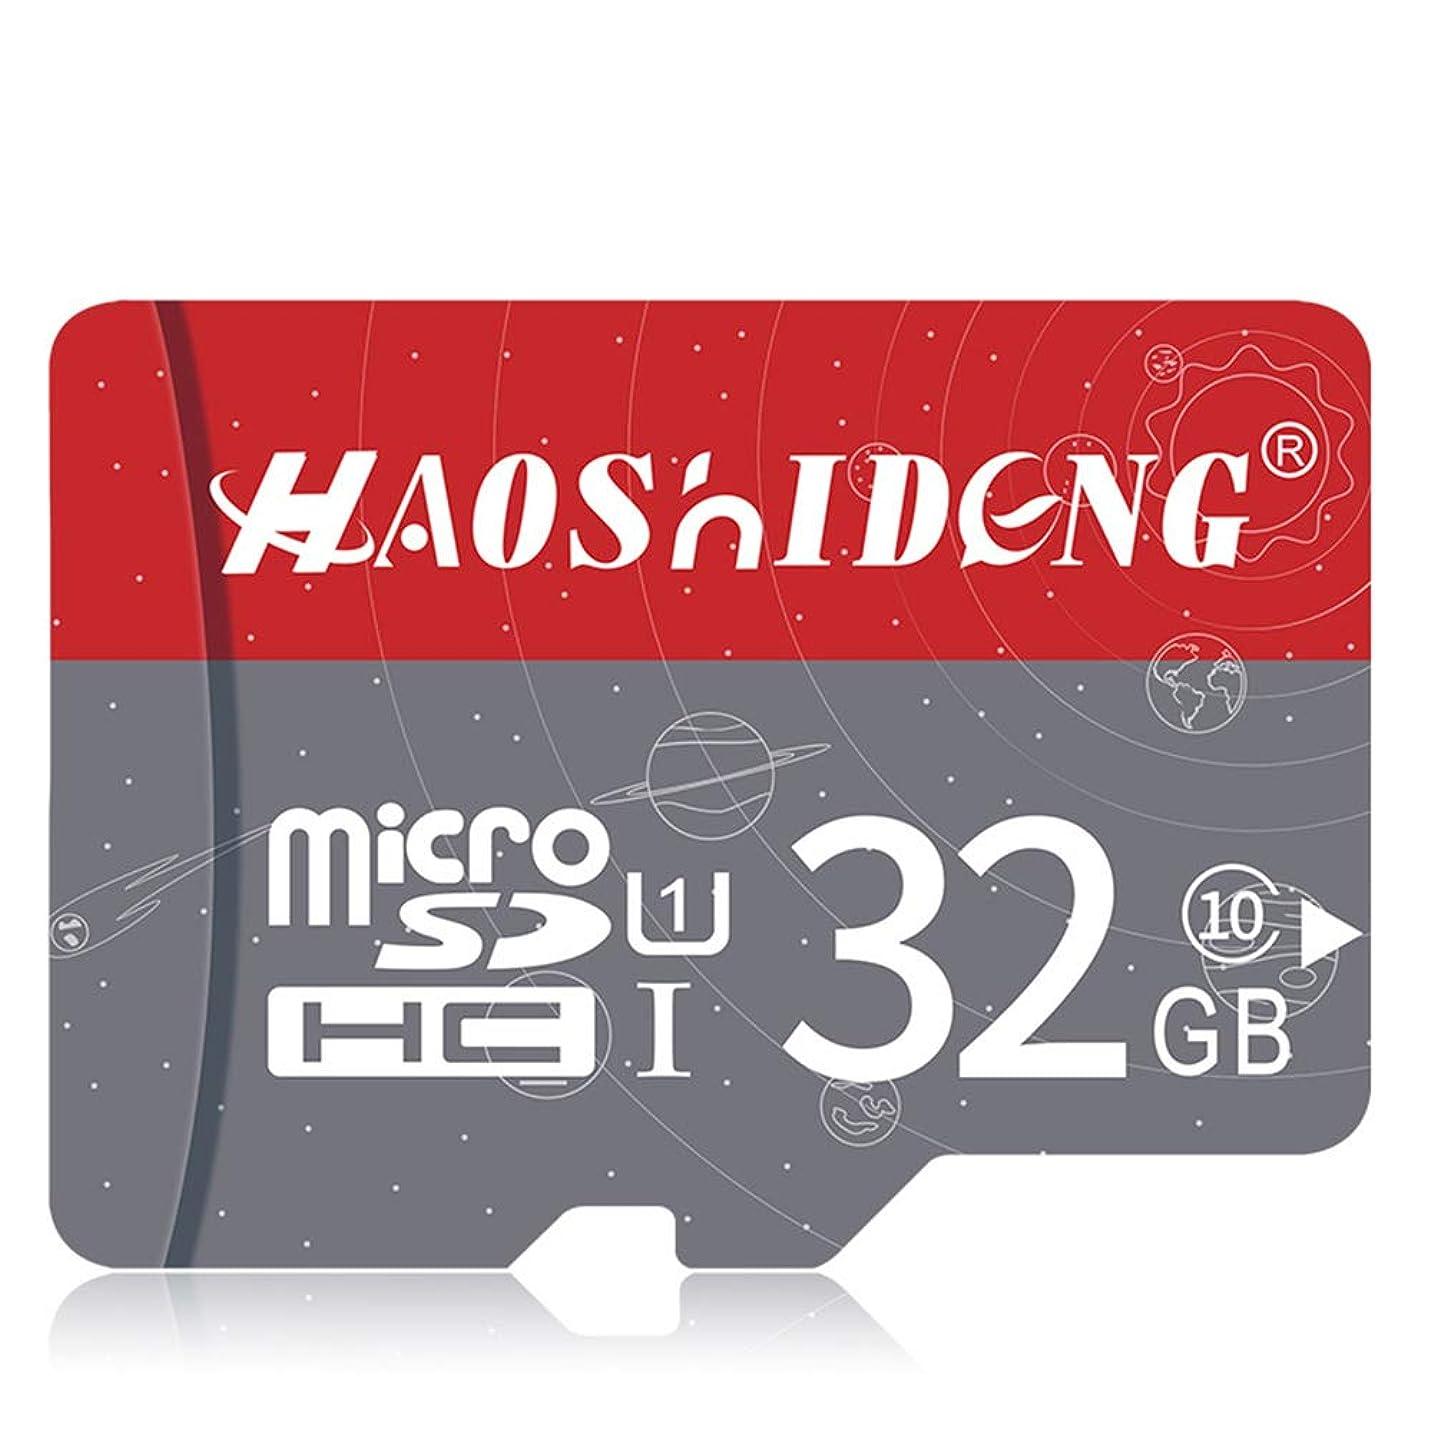 スタック安価な予測する32GB TFカード microSDHCカード カメラメモリカード メモリカード 携帯電話のメモリカード class10 高速 SDカード アダプタ付